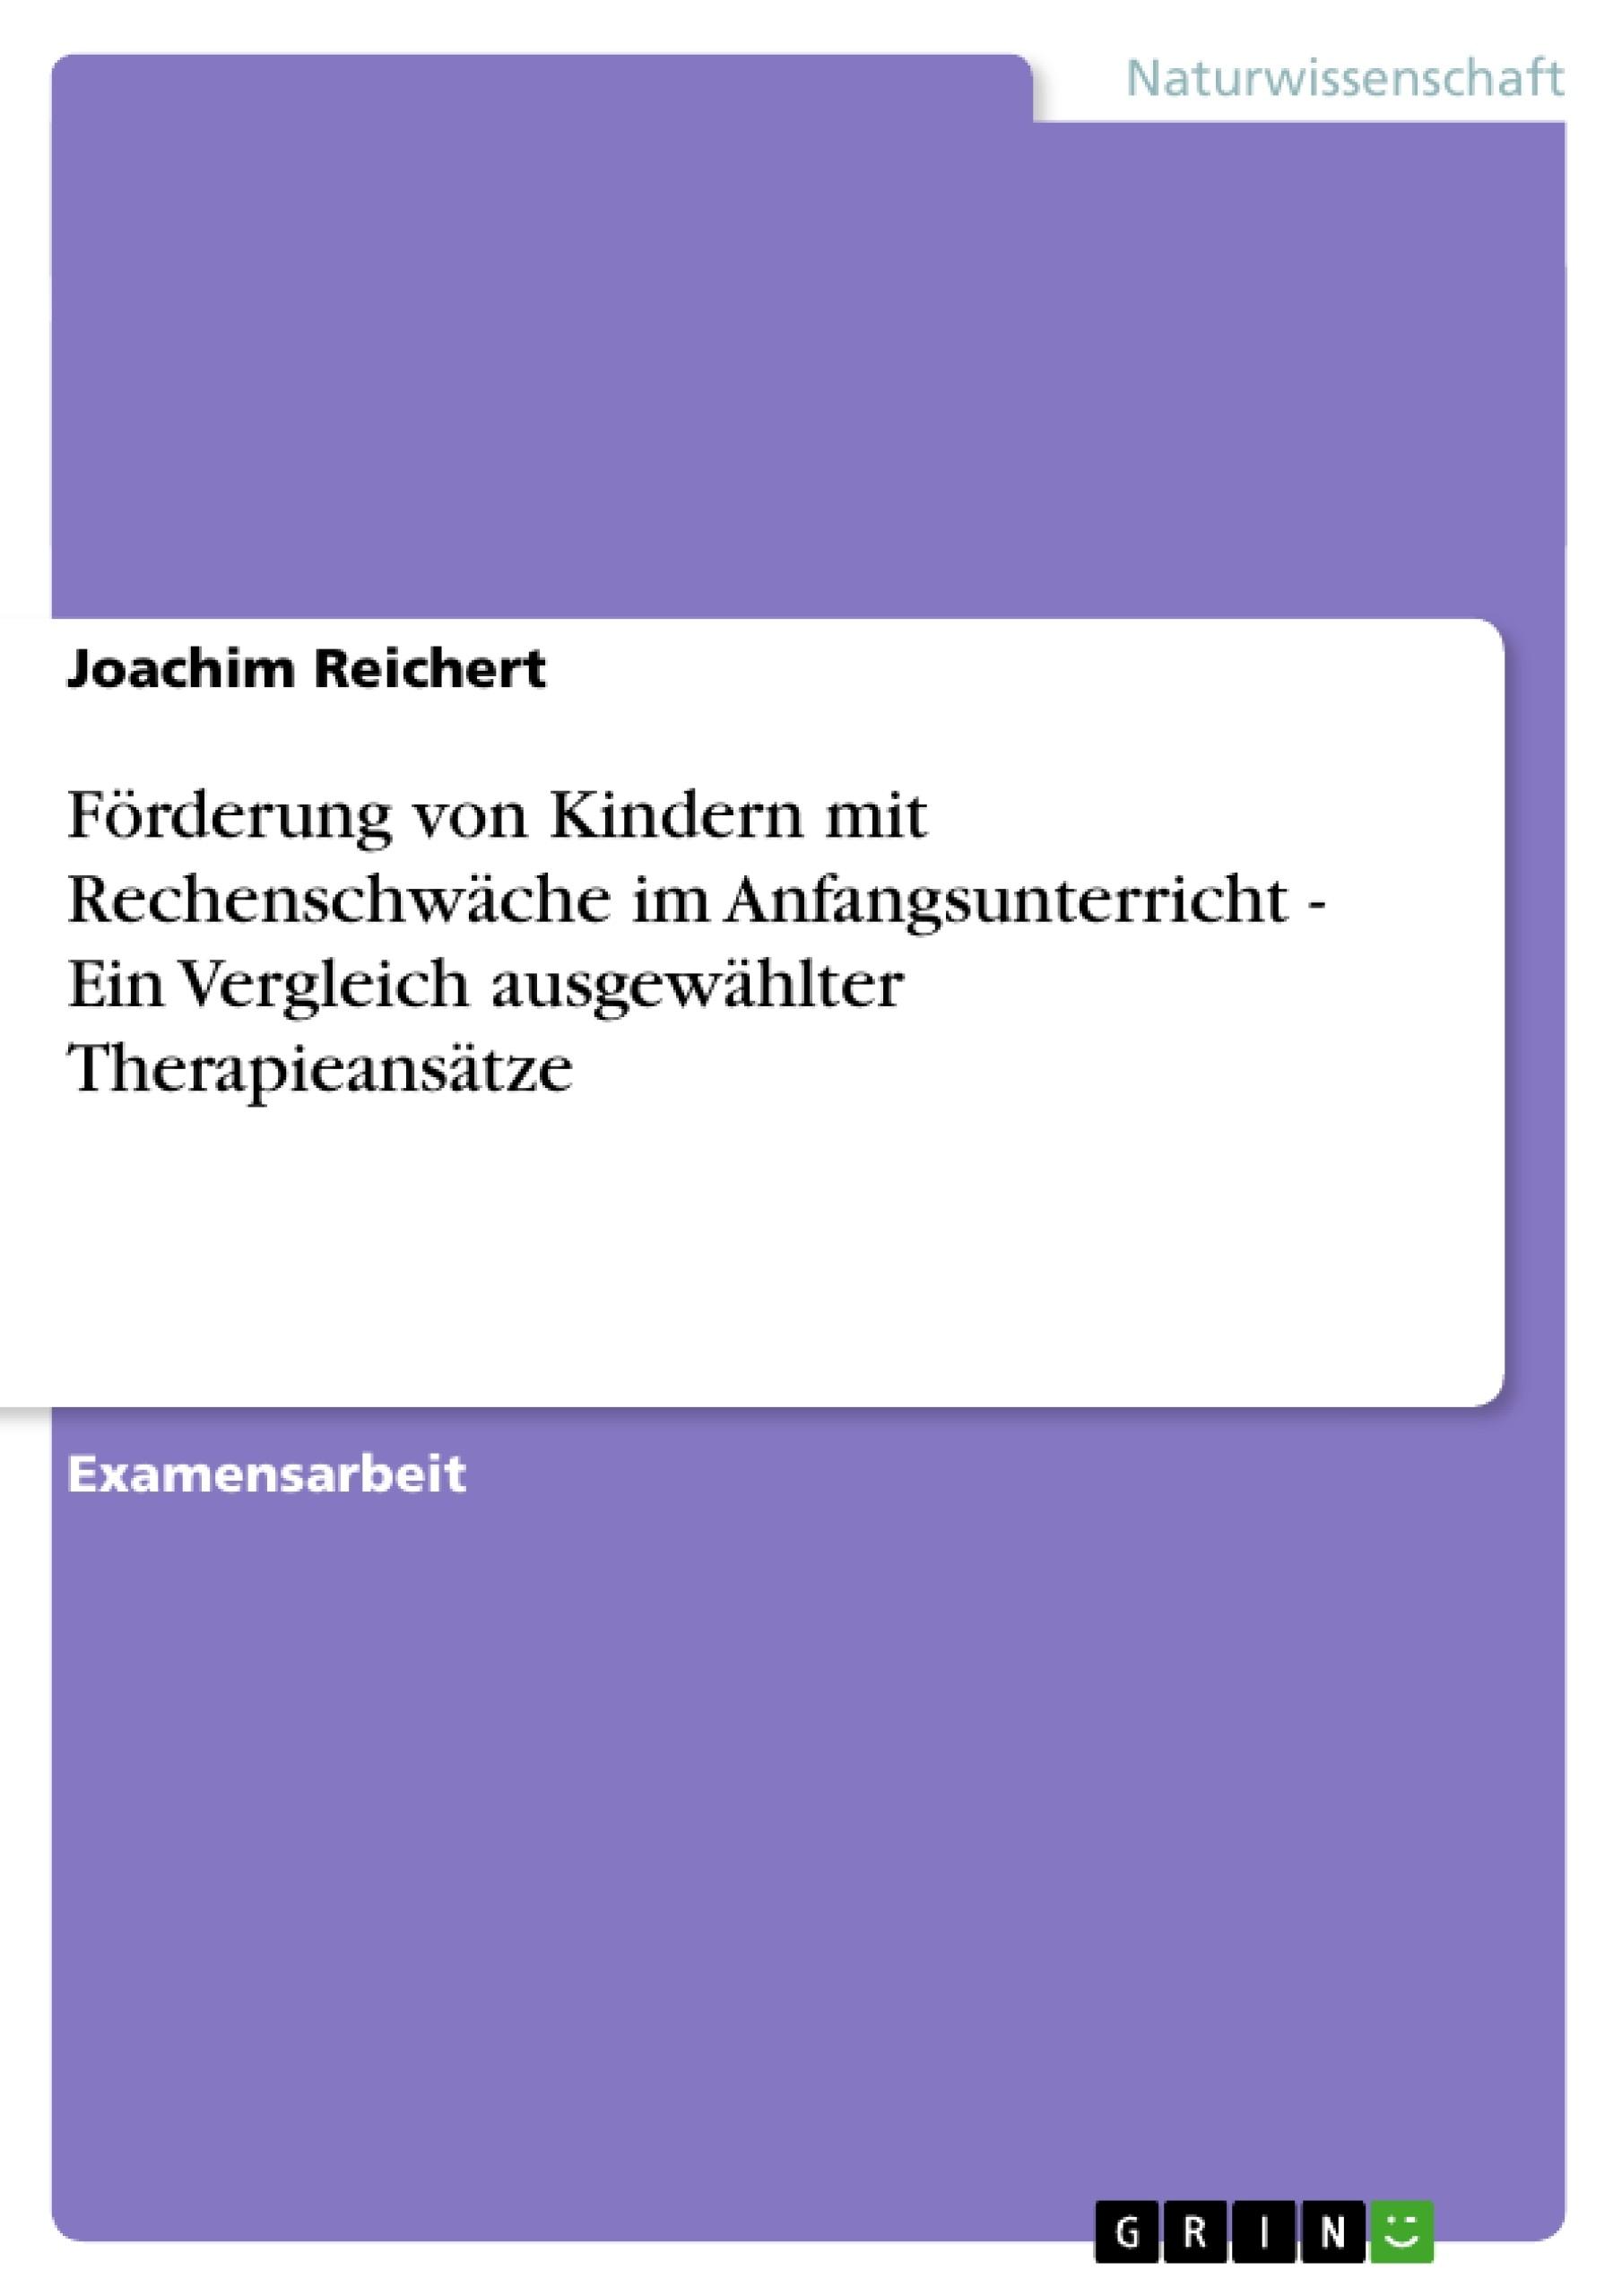 Titel: Förderung von Kindern mit Rechenschwäche im Anfangsunterricht - Ein Vergleich ausgewählter Therapieansätze